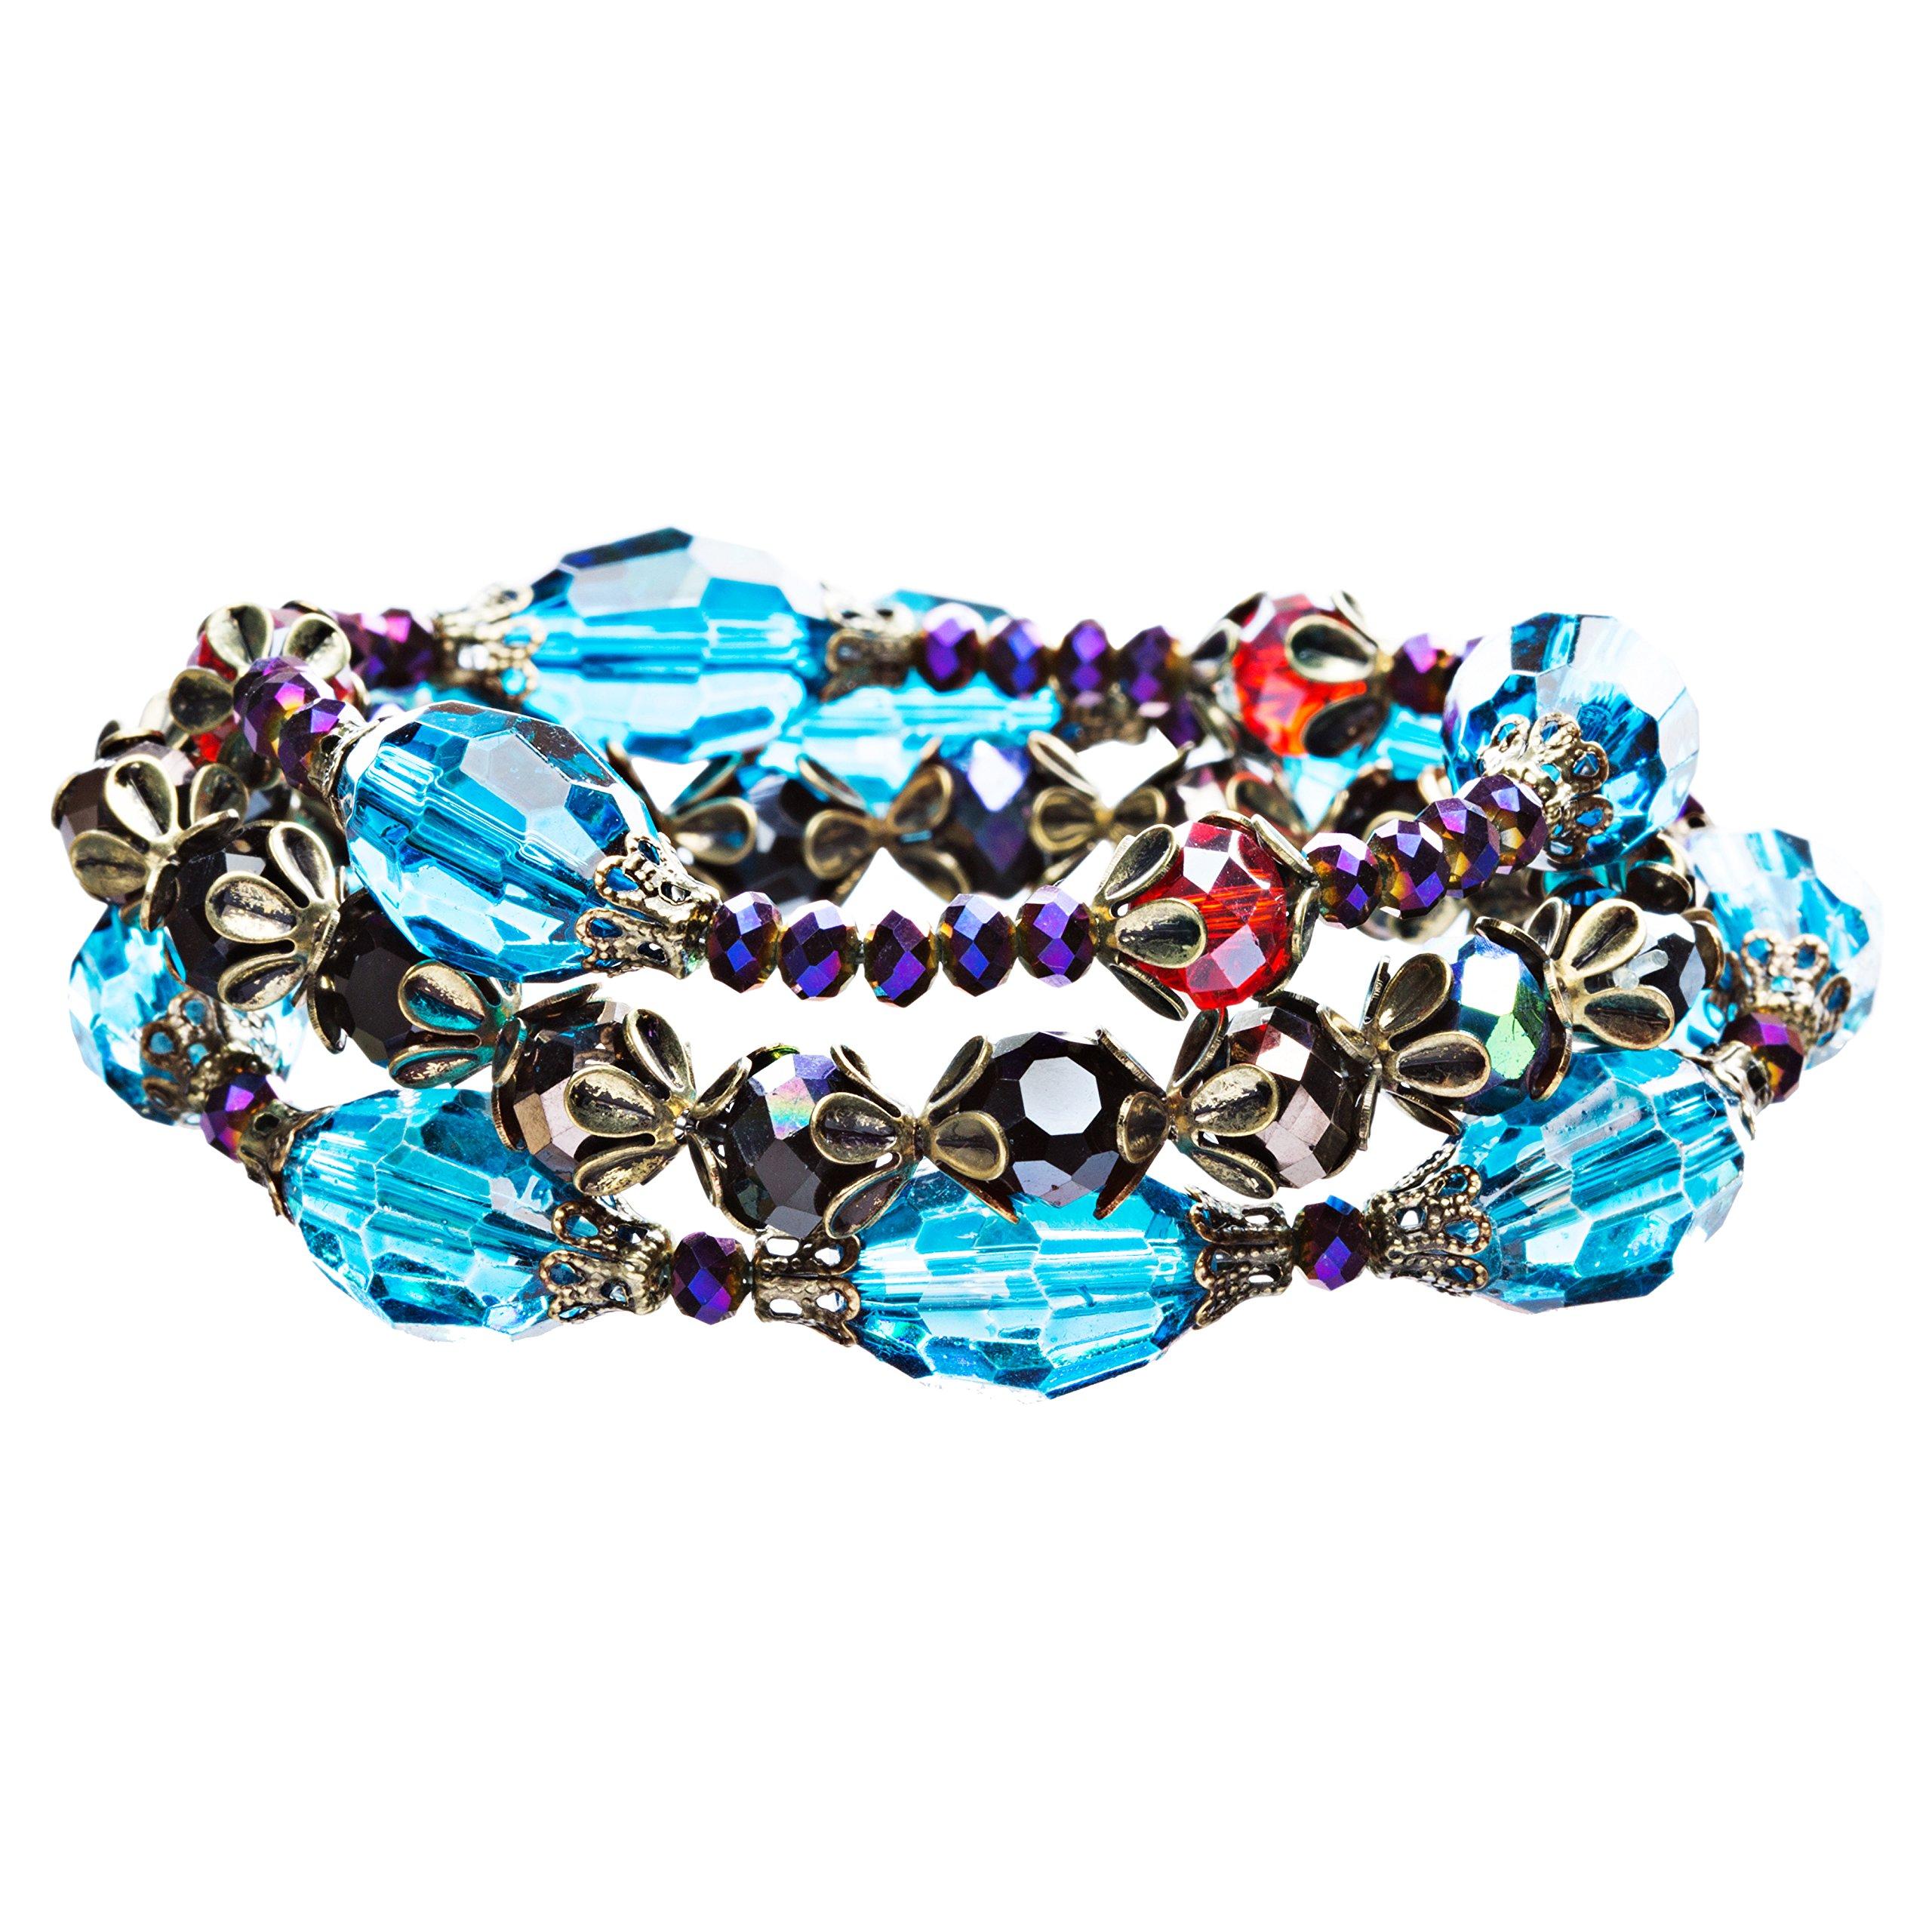 ACCESSORIESFOREVER Women Modern Fashion Crystal Rhinestone Vibrant Fun Wrap Stretch Bracelet B465 Blue